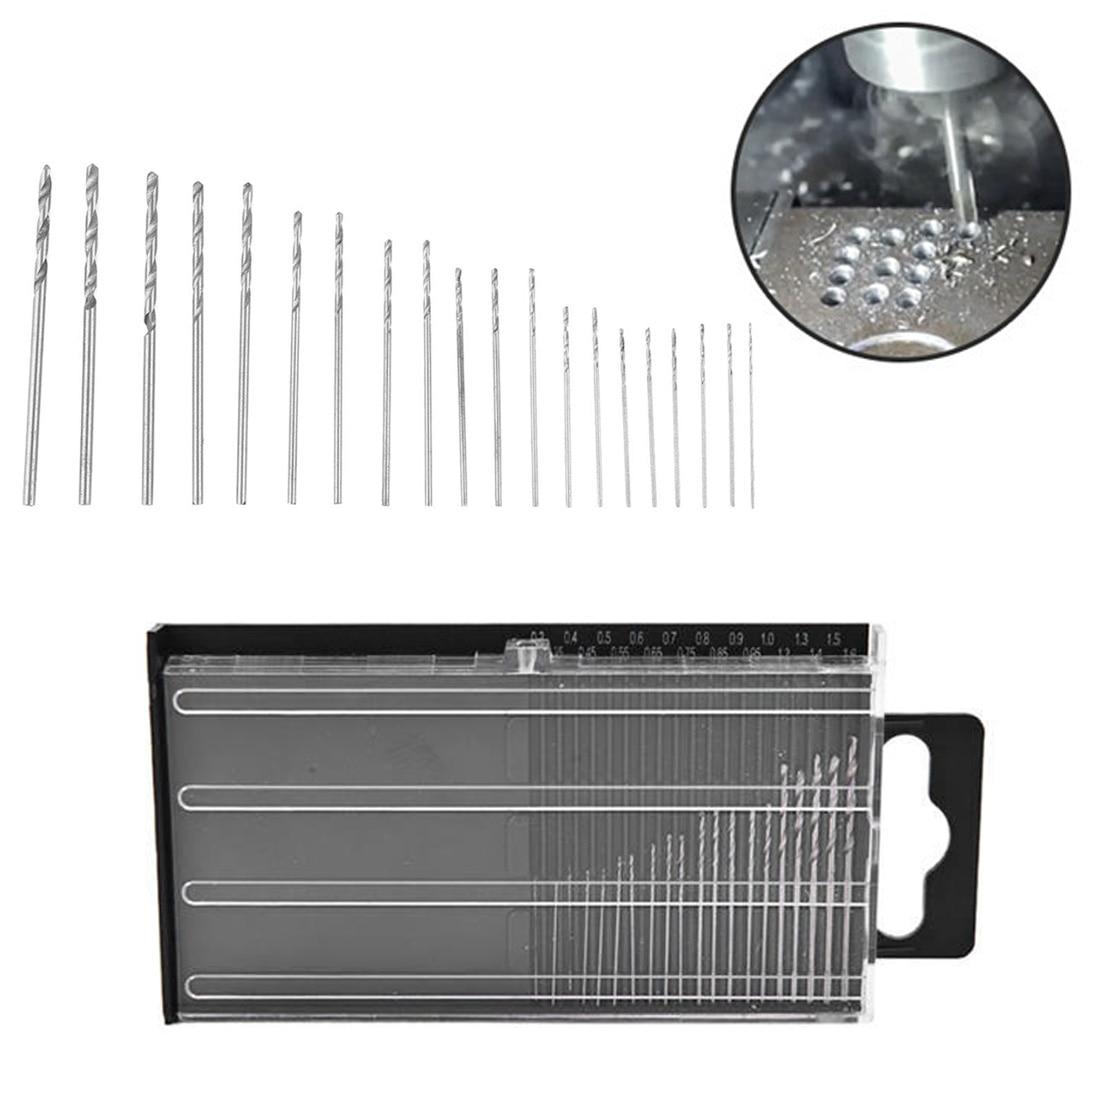 20Pcs 3mm-1.6mm Model Craft With Case Repair Parts Repair Tools Mini Drill Bit High Speed Steel Micro Twist Drill Bit Set 0.